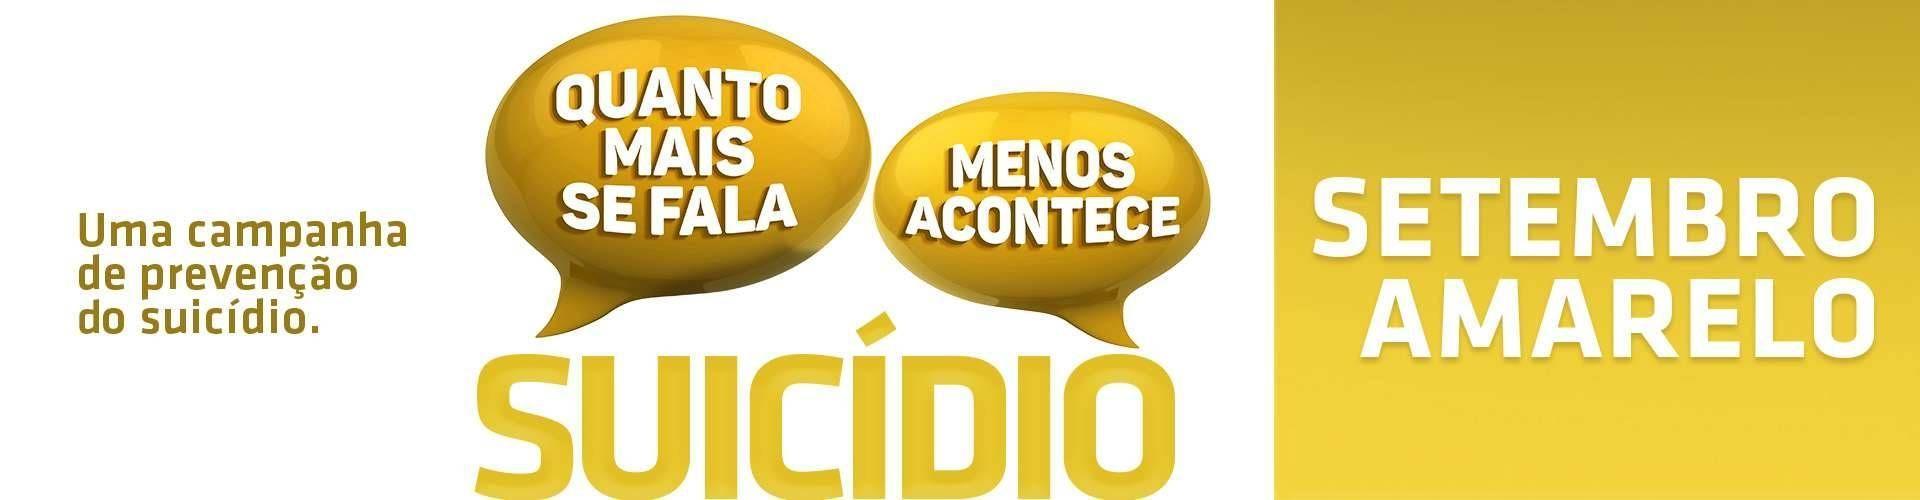 Imagem Destacada - Suicídio setembro amarelo